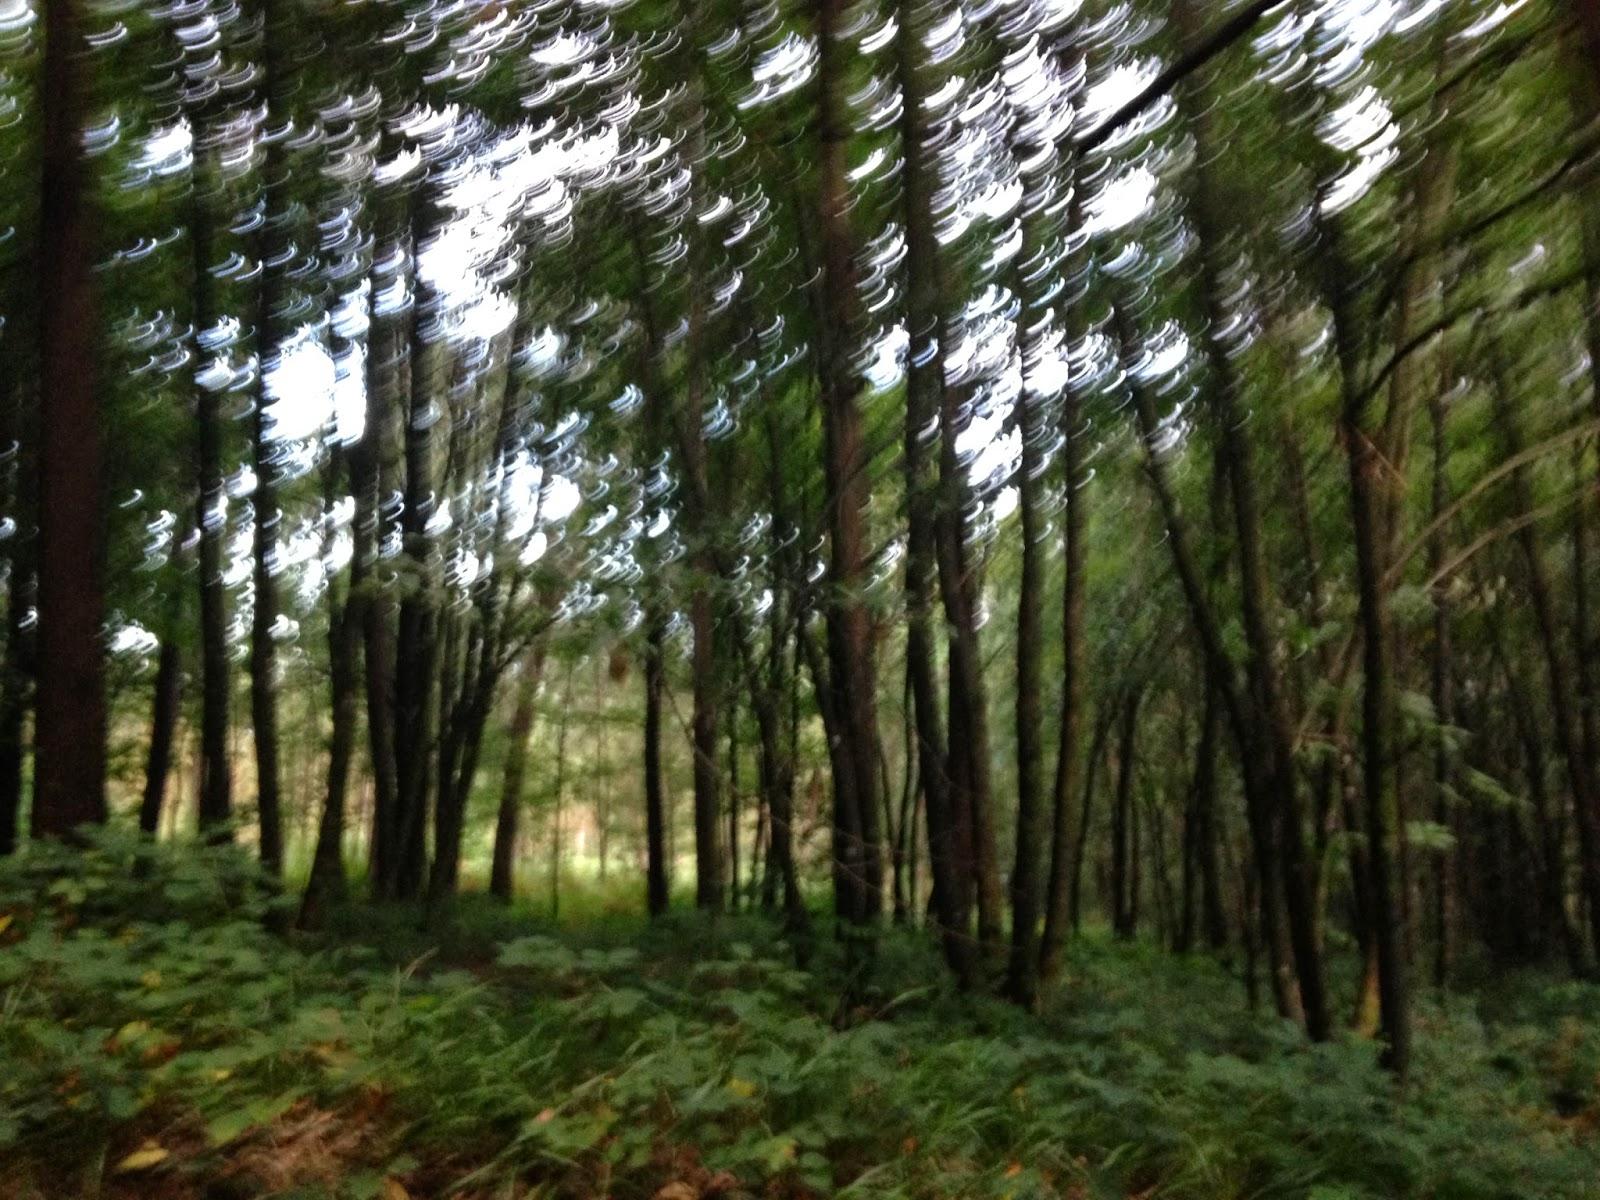 Bosque mágico, lleno de árboles